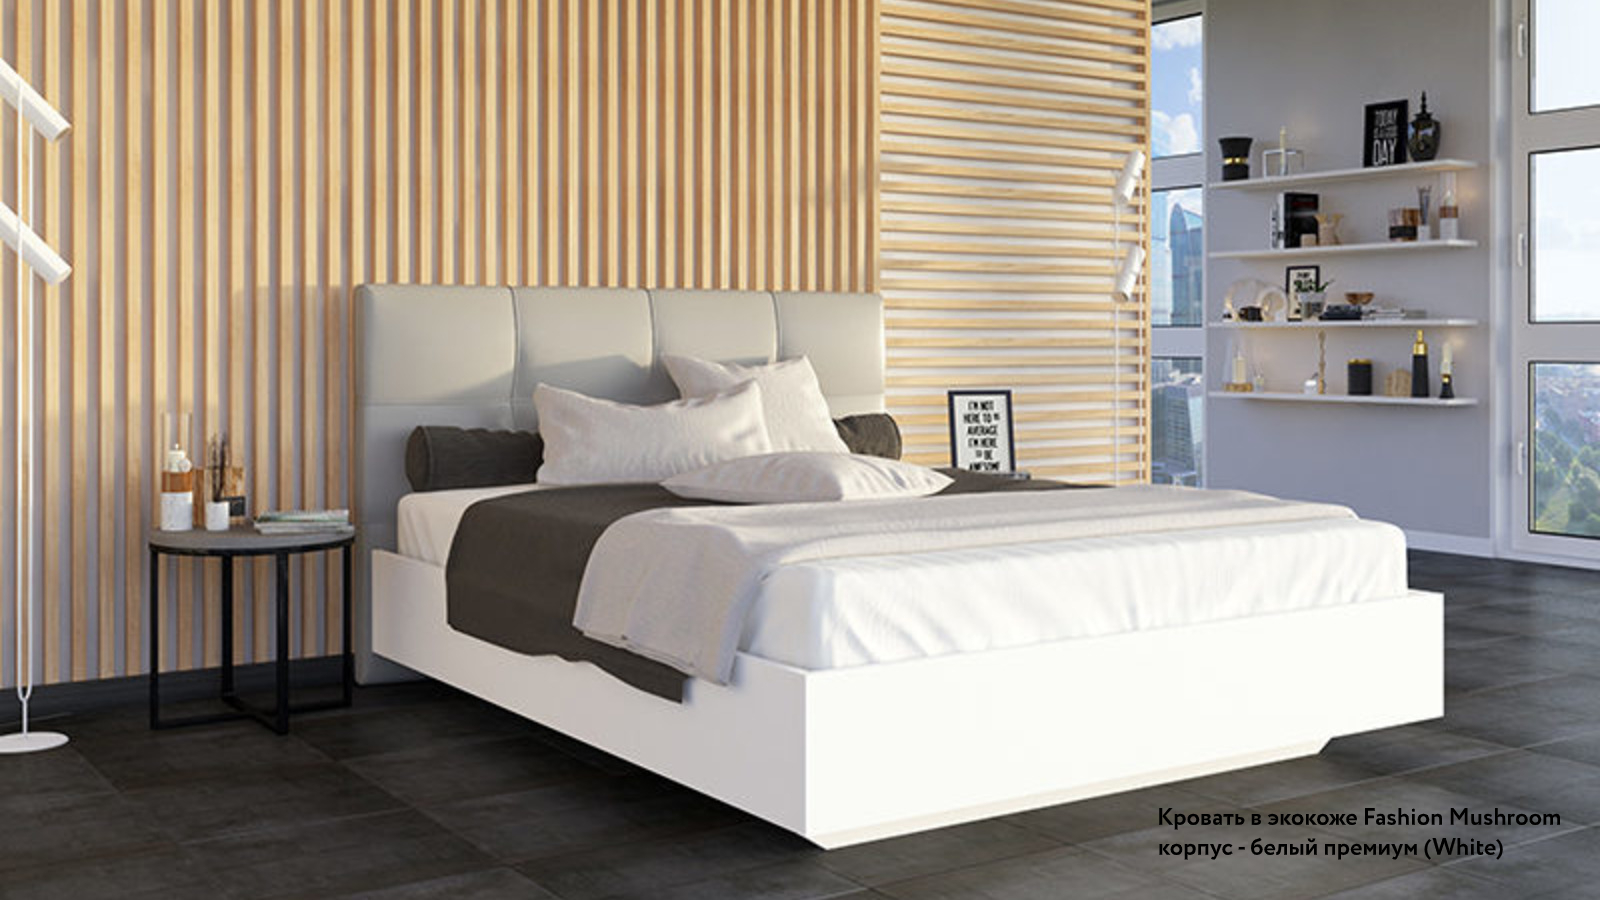 Фото - Кровать с подъемным механизмом Askona CRISTY White кровать с подъемным механизмом askona lara